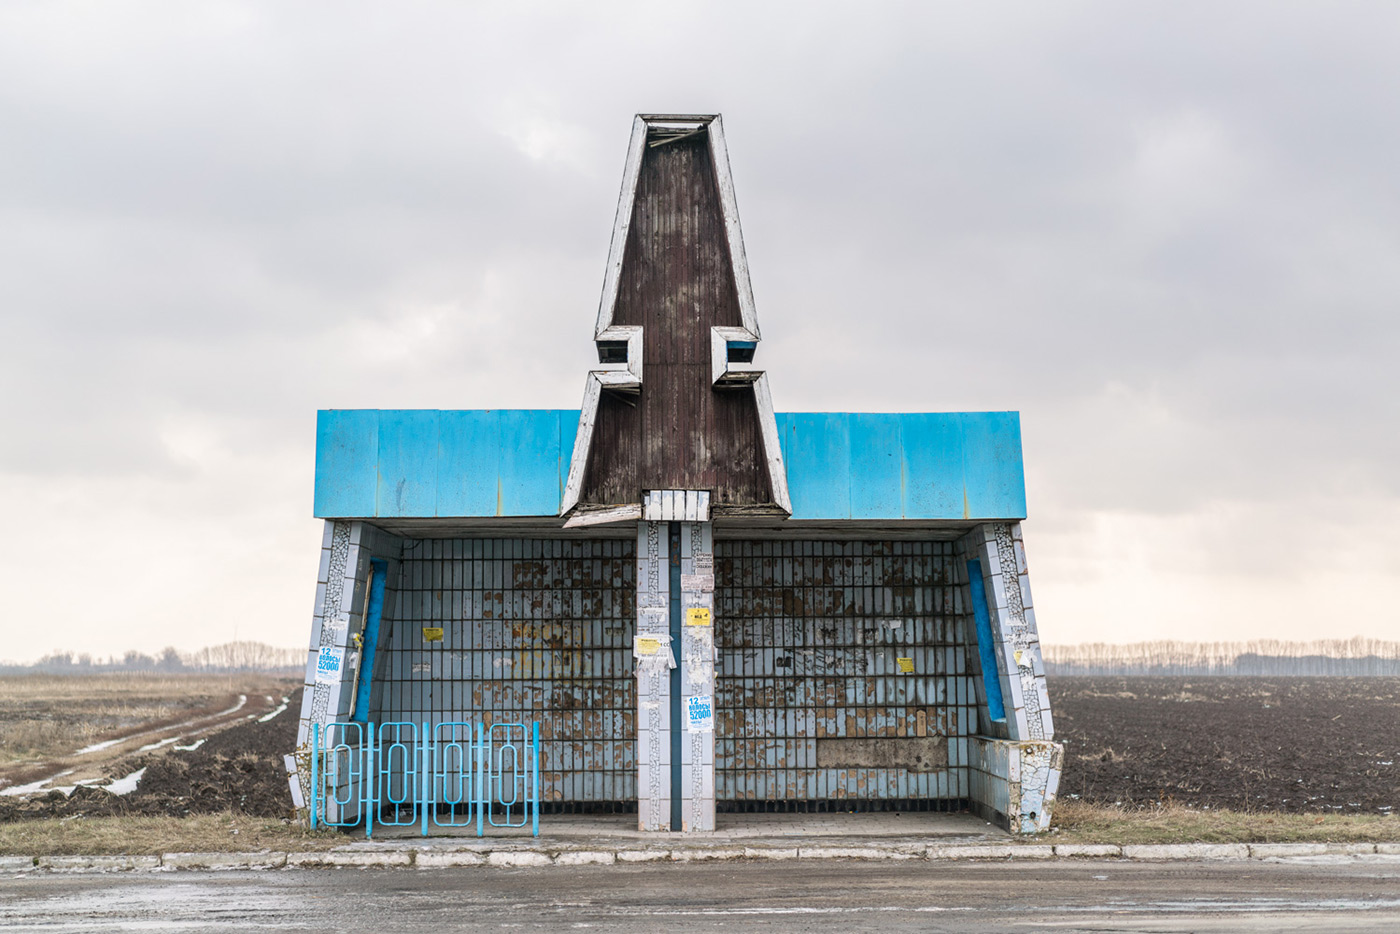 Russia Bus Stops Volume II: ป้ายรถเมล์อาร์ตๆ ในชนบทห่างไกลของรัสเซีย